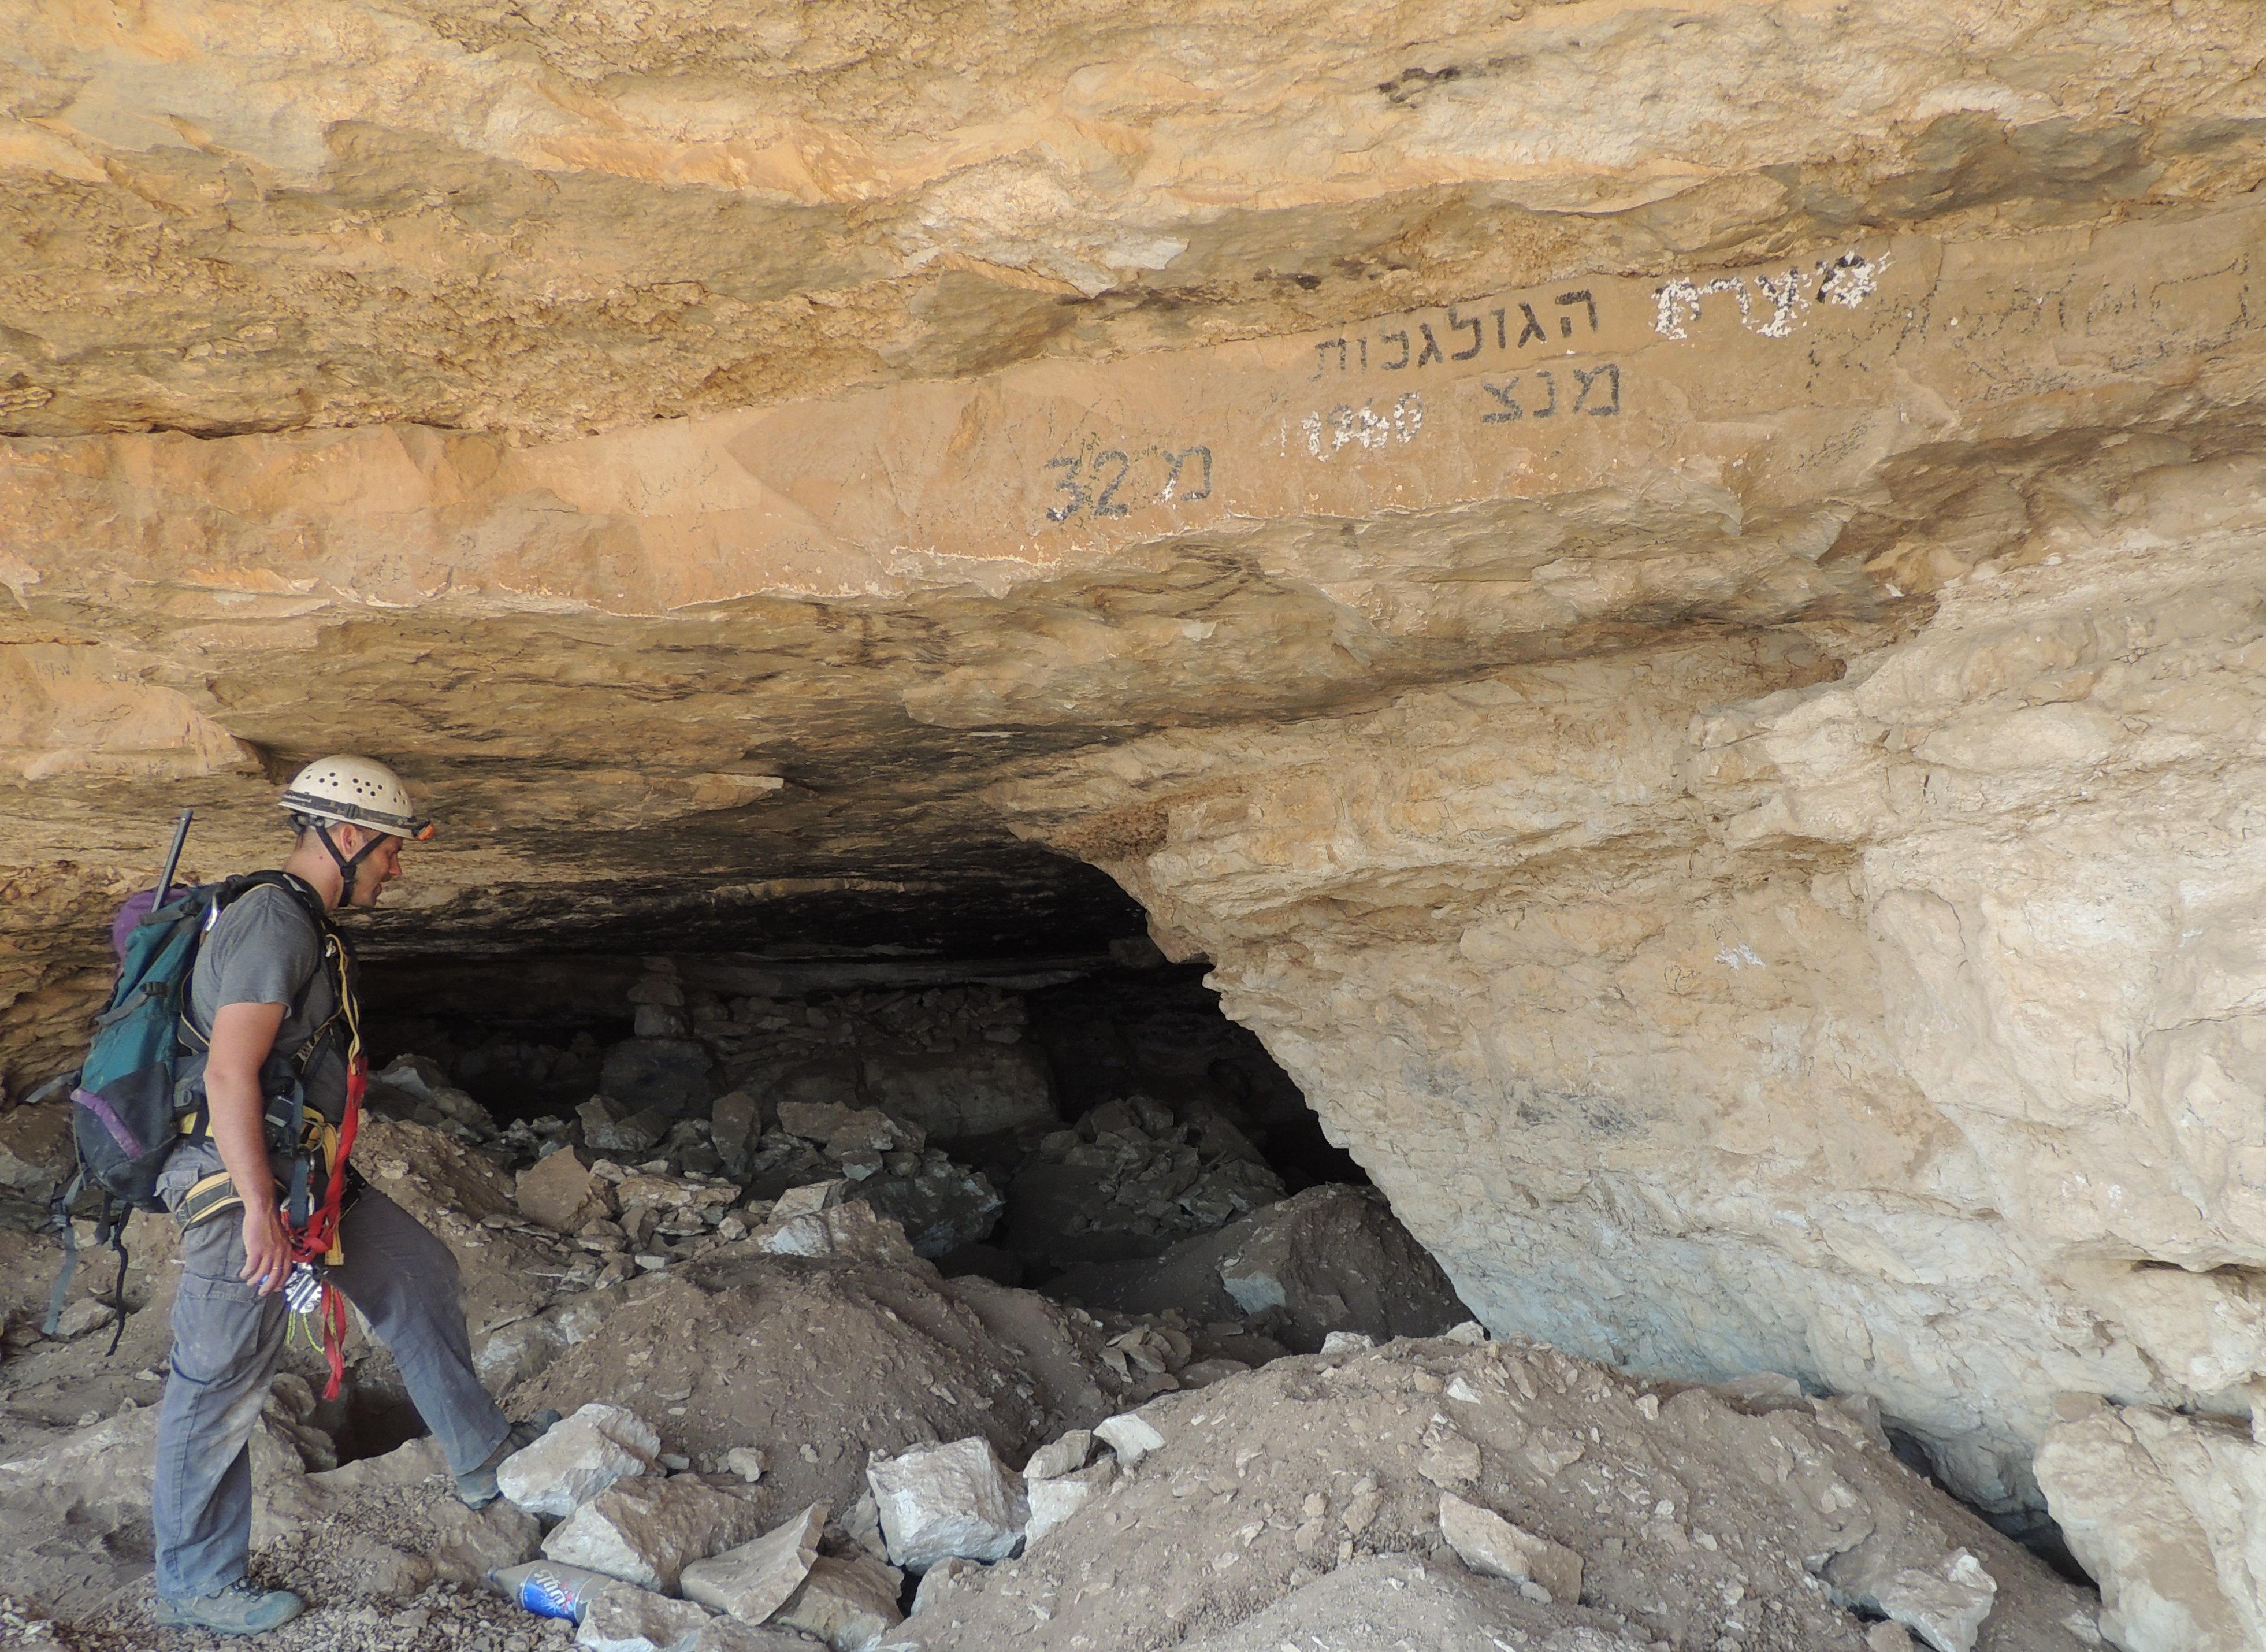 הכניסה למערת הגולגלות במדבר יהודה - צילום: היחידה למניעת שוד ברשות העתיקות